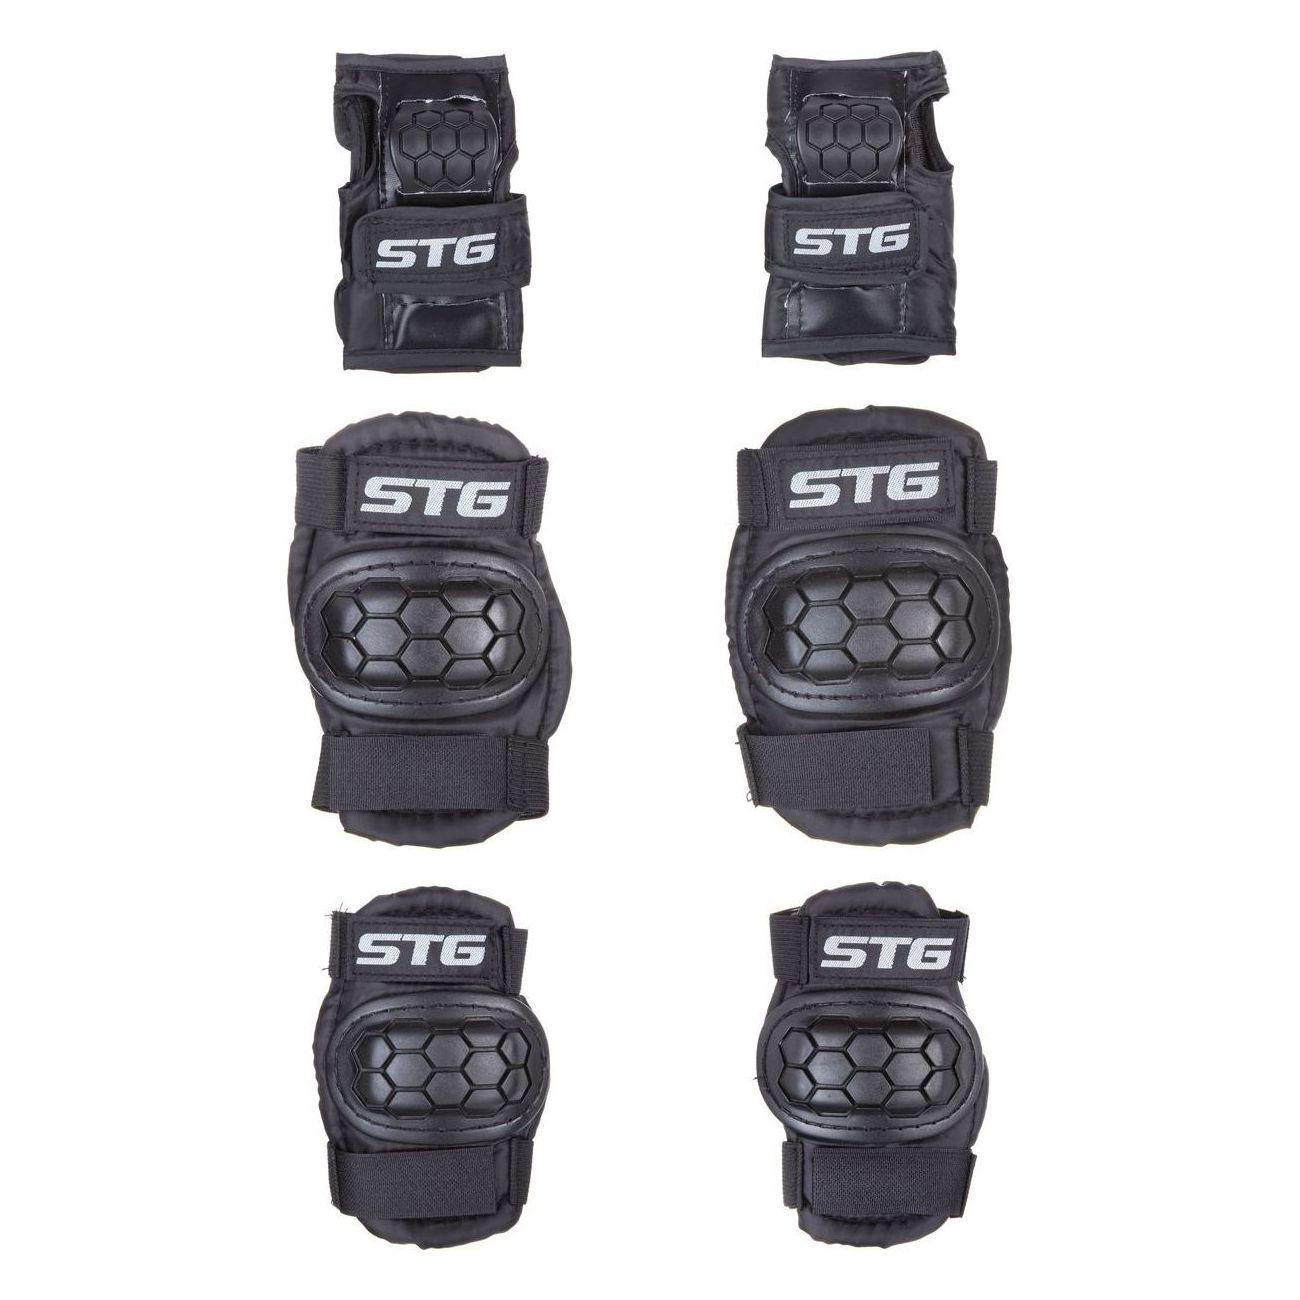 Защита STG YX-0303 (локти,колени,ладони)